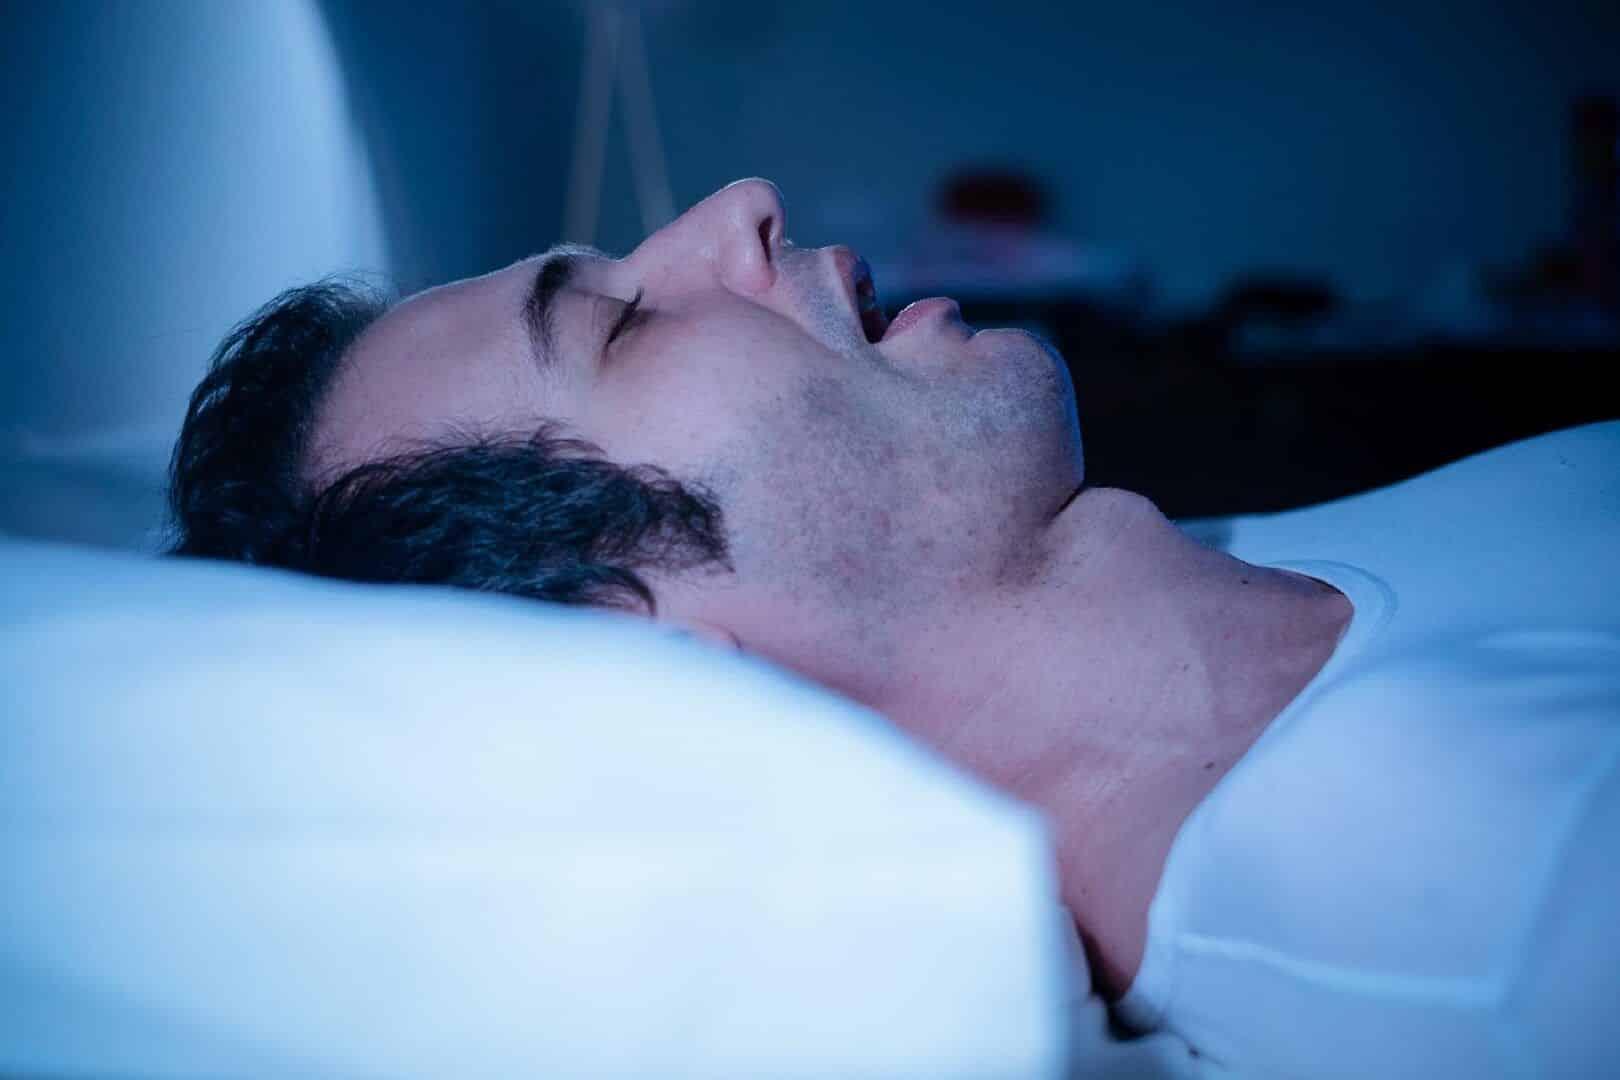 Respirar pela boca - Quais são os problemas que a prática pode causar?